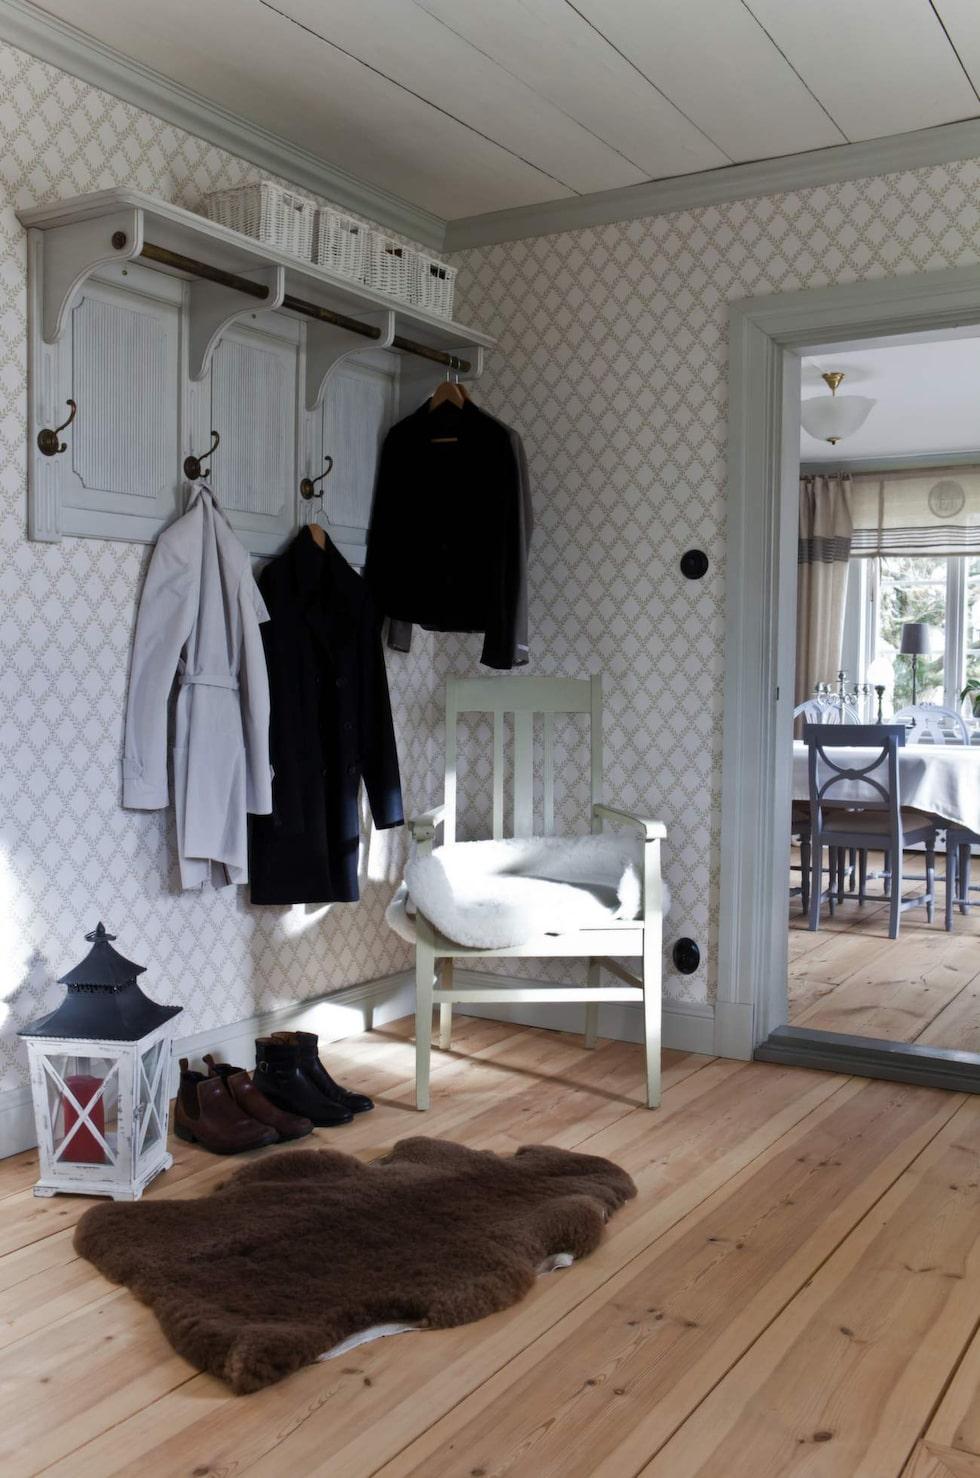 Lantlig stil i hallen. Den snygga hängaren är köpt i butiken Jacob & Mary i Vadstena. Tapeten kommer från Sandbergs.